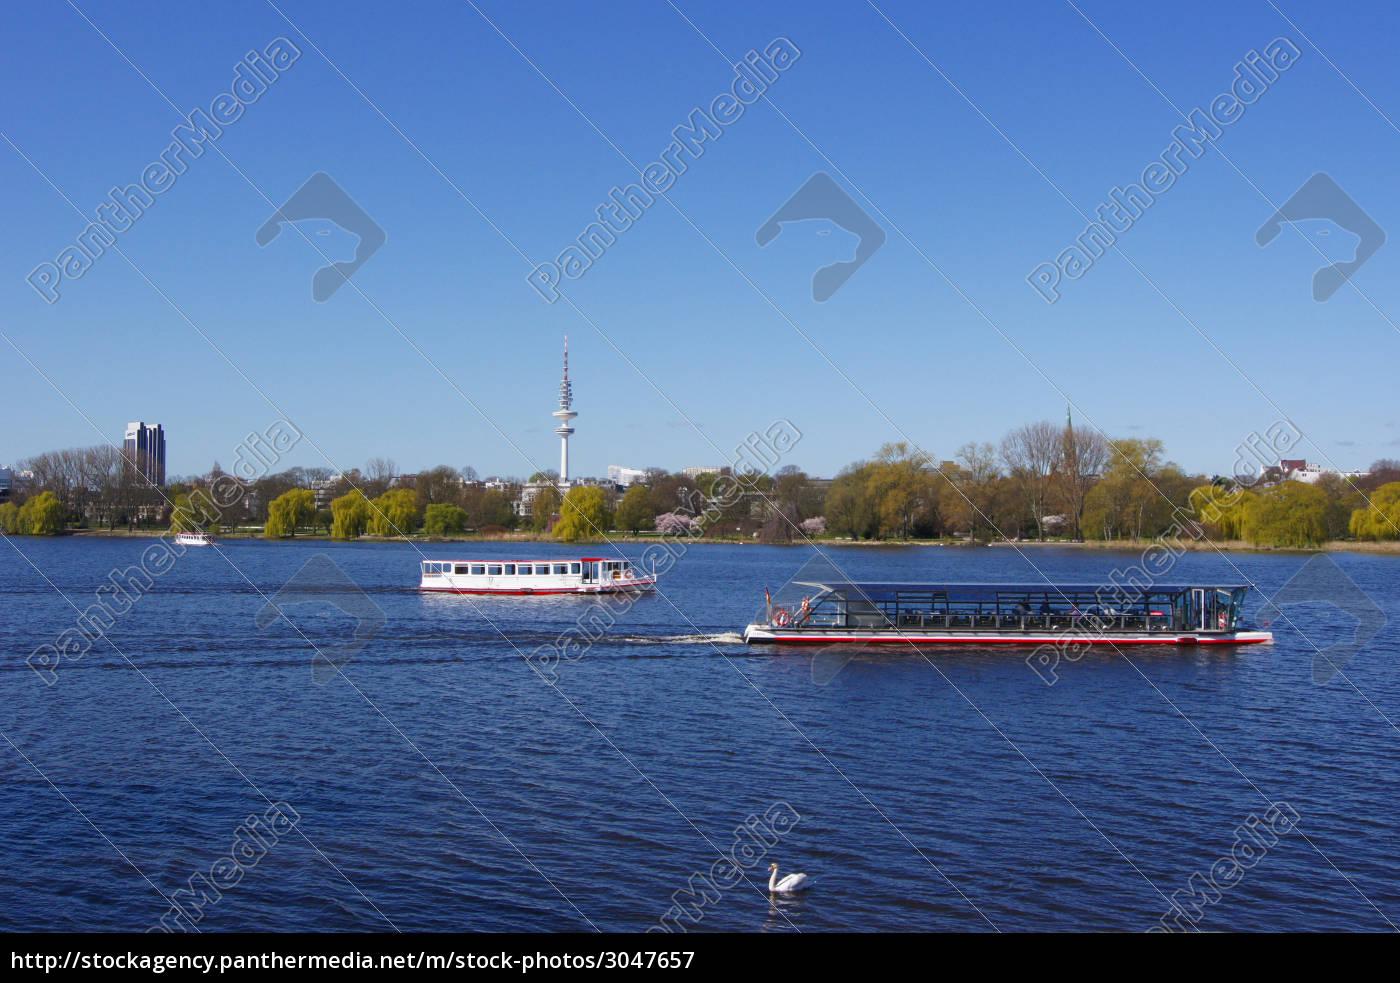 alster, wysyłka, z, łabędziem - 3047657